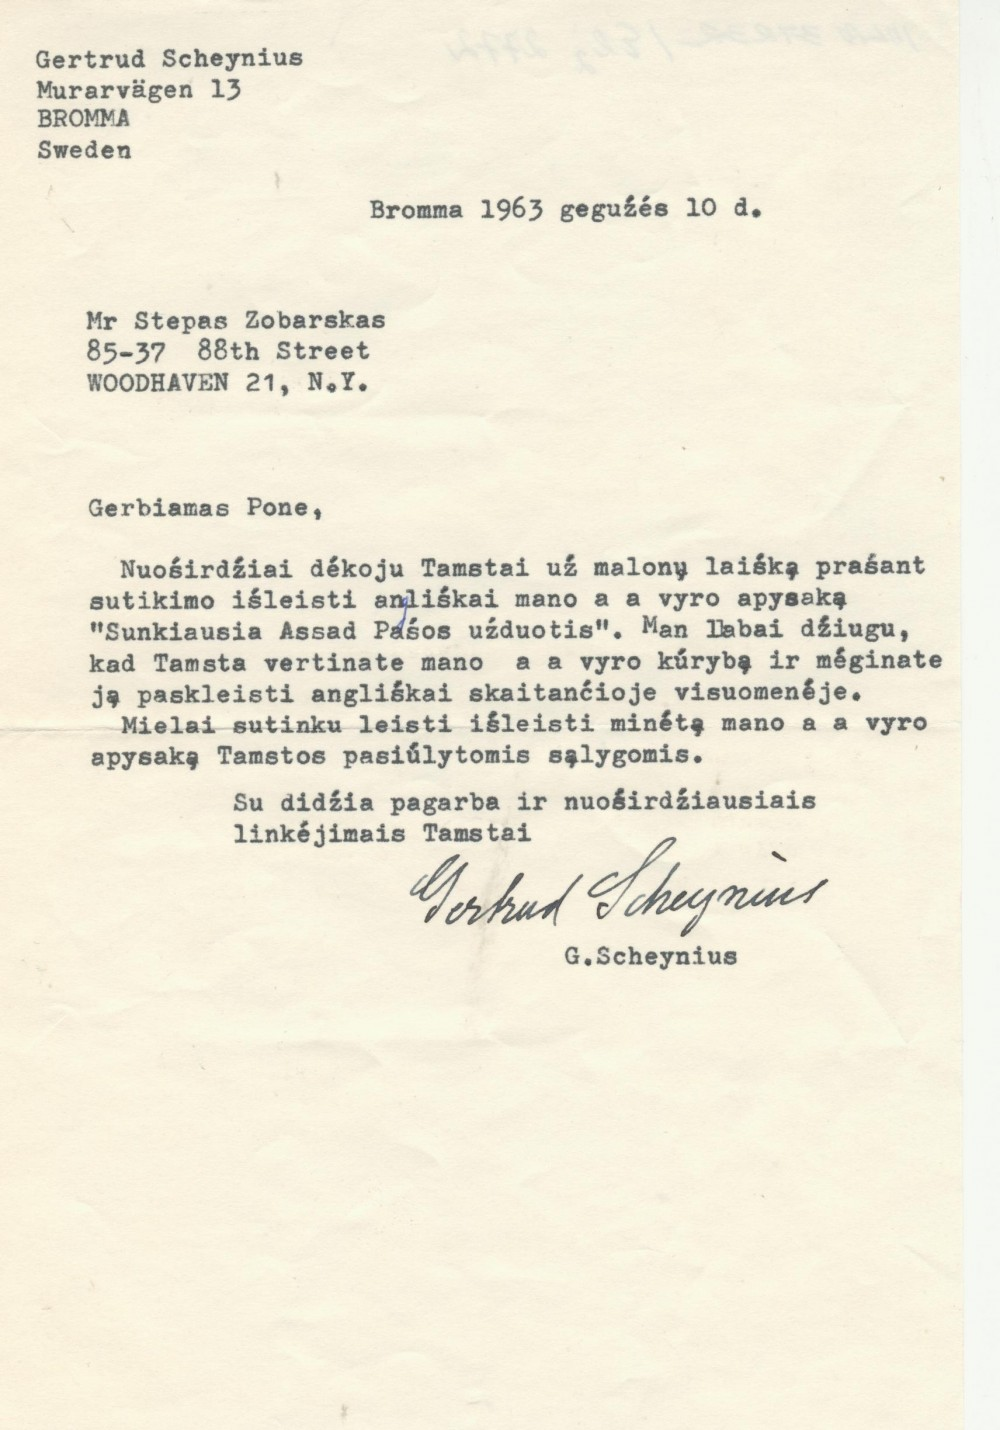 I. Šeiniaus žmonos Gertrūdos laiškas leidėjui S. Zobarskui. 1963 m. gegužės 10 d.